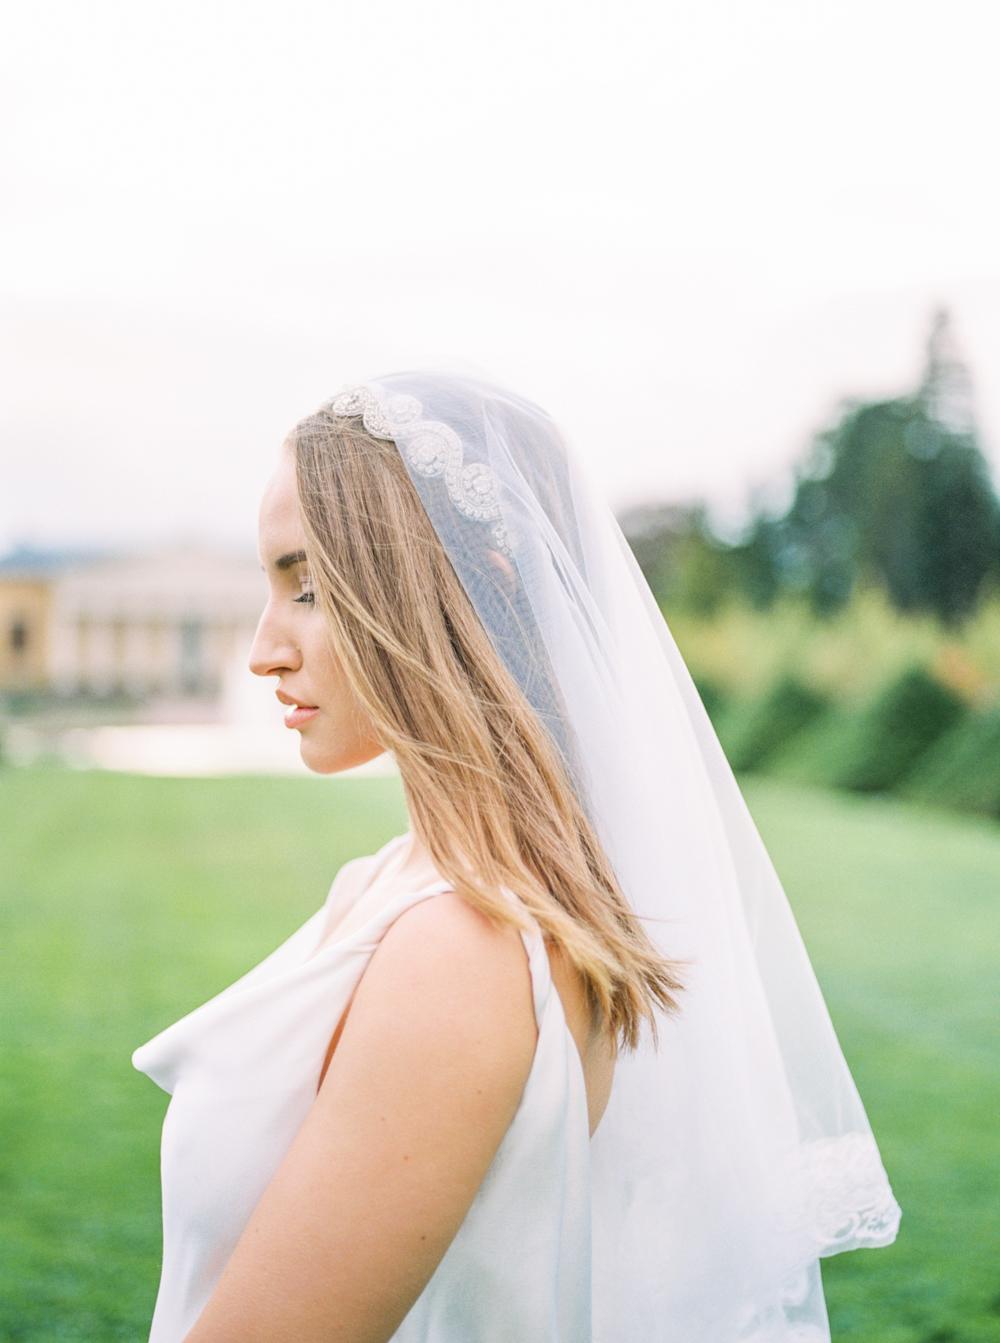 IsabelleSwedenGardens-ErikaAlvarengaPhotography-7.jpg